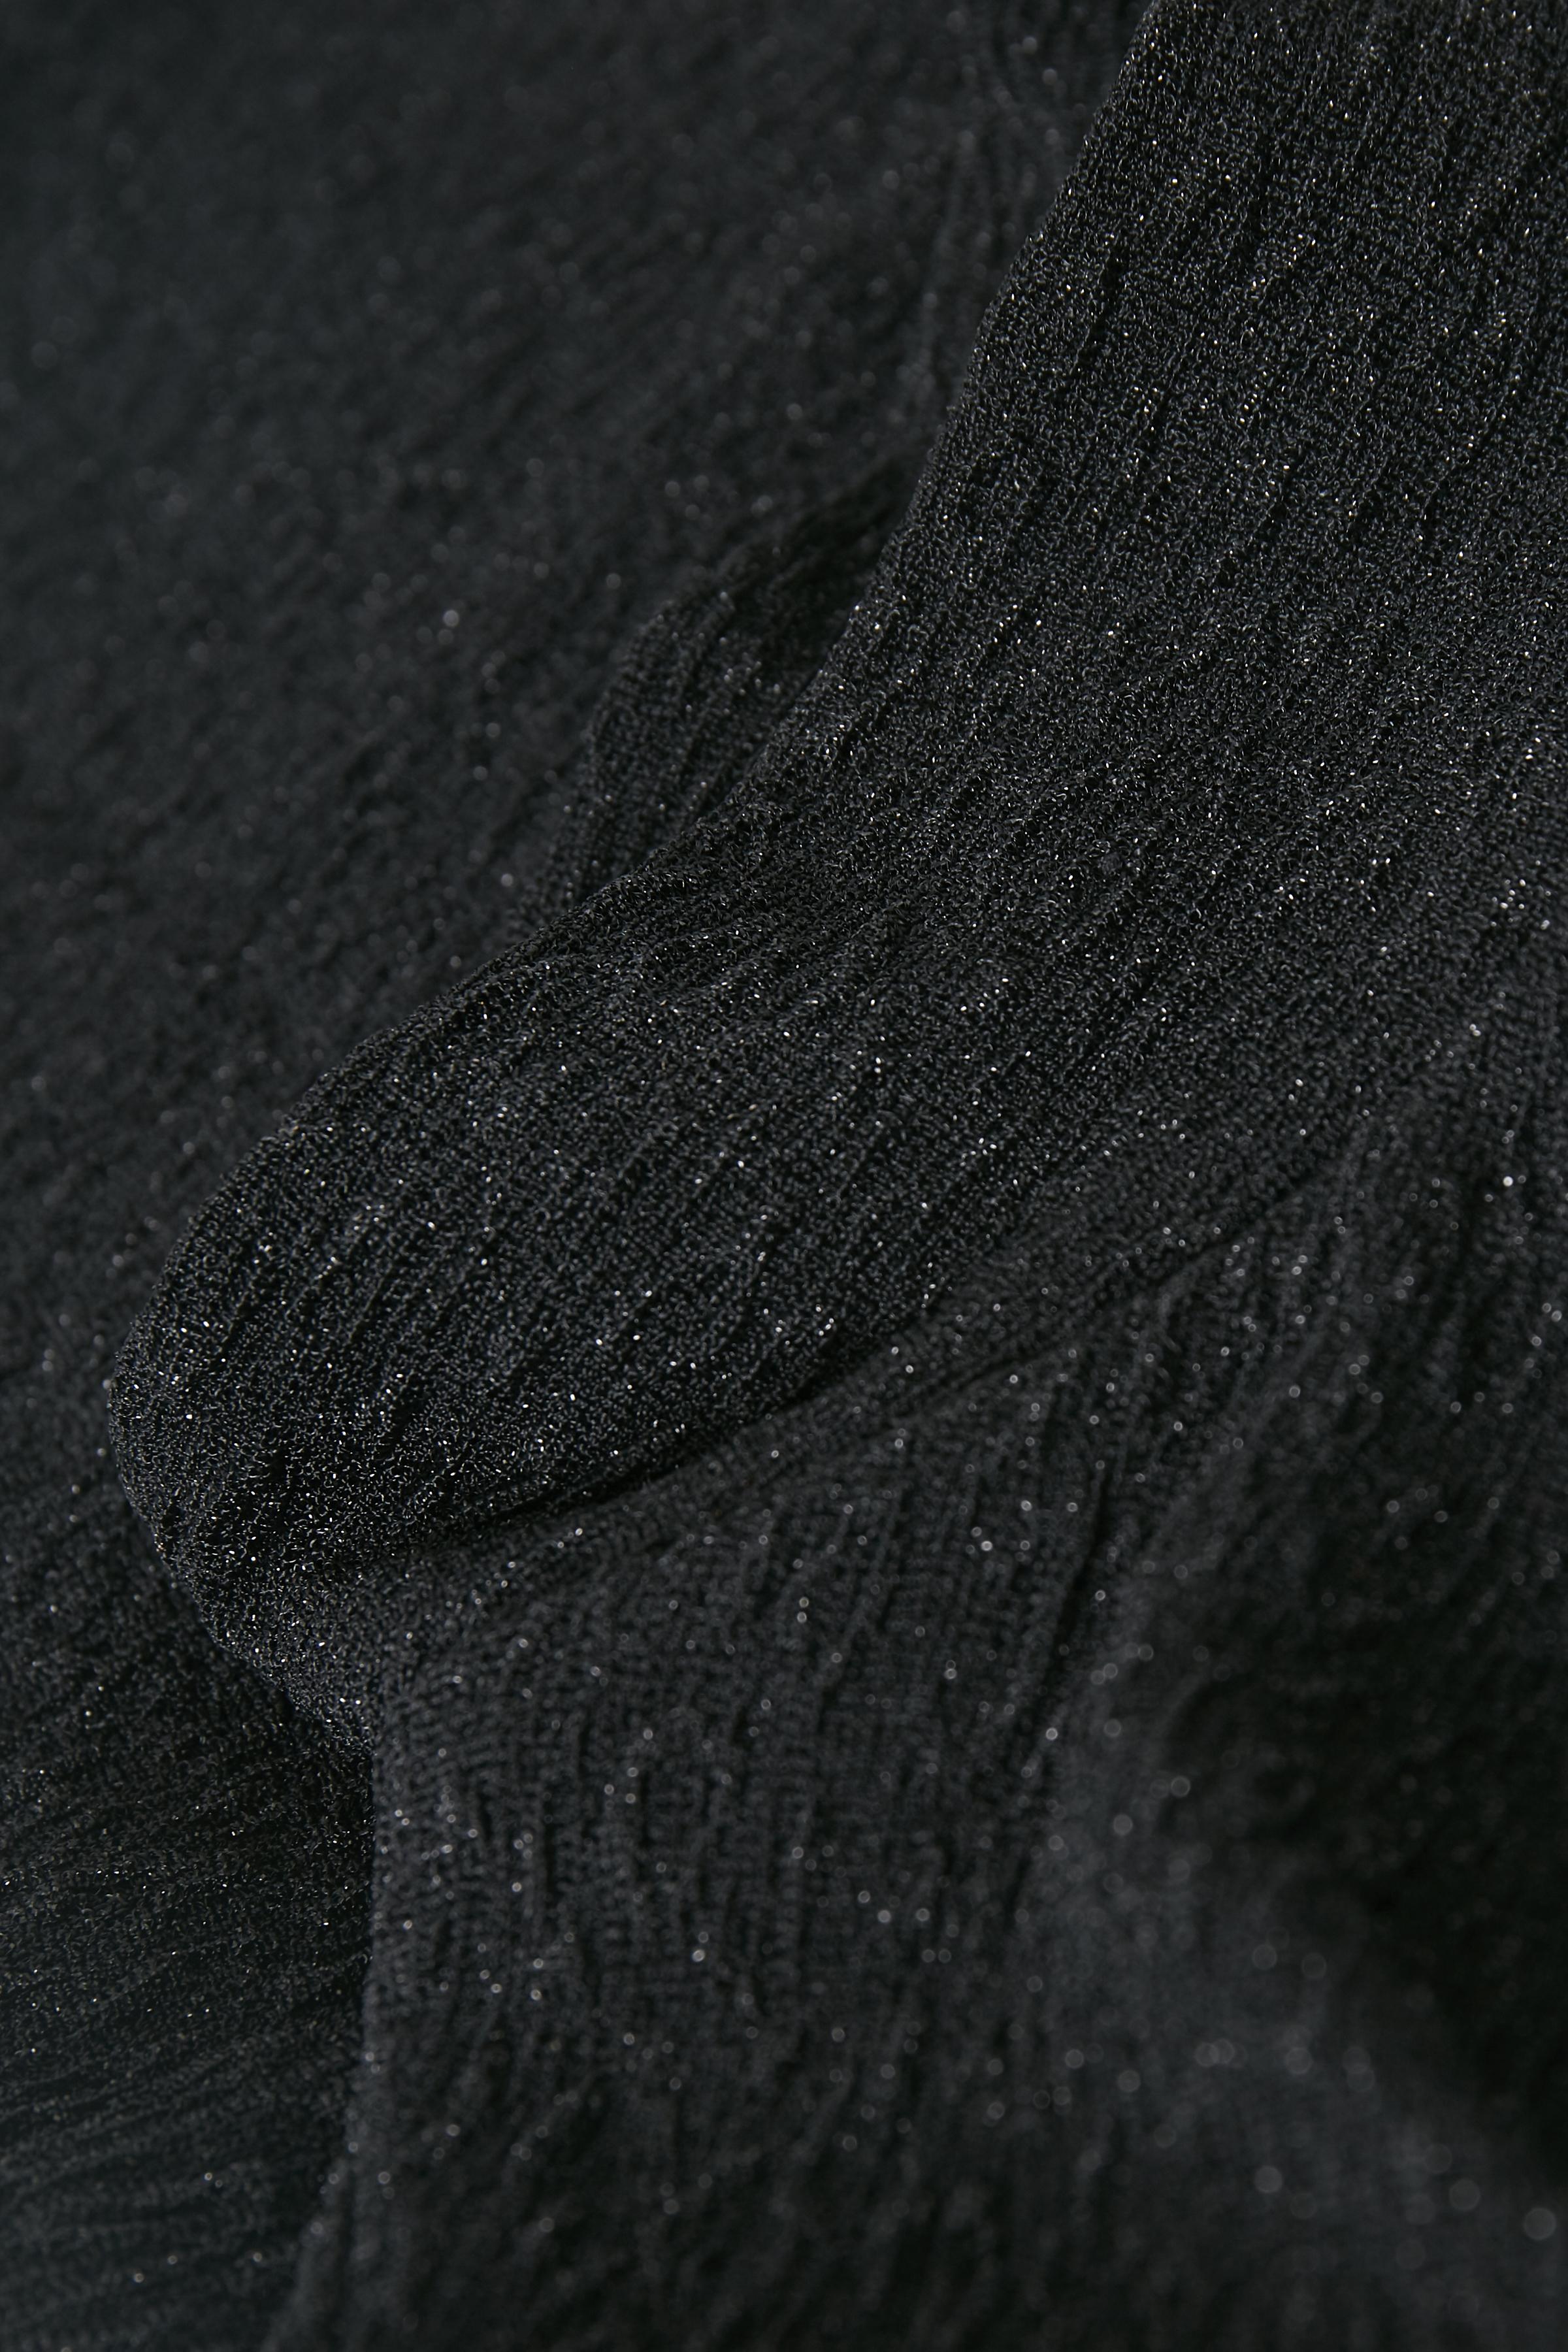 Schwarz/silber Kurzarm-Bluse von Kaffe – Shoppen Sie Schwarz/silber Kurzarm-Bluse ab Gr. XS-XXL hier